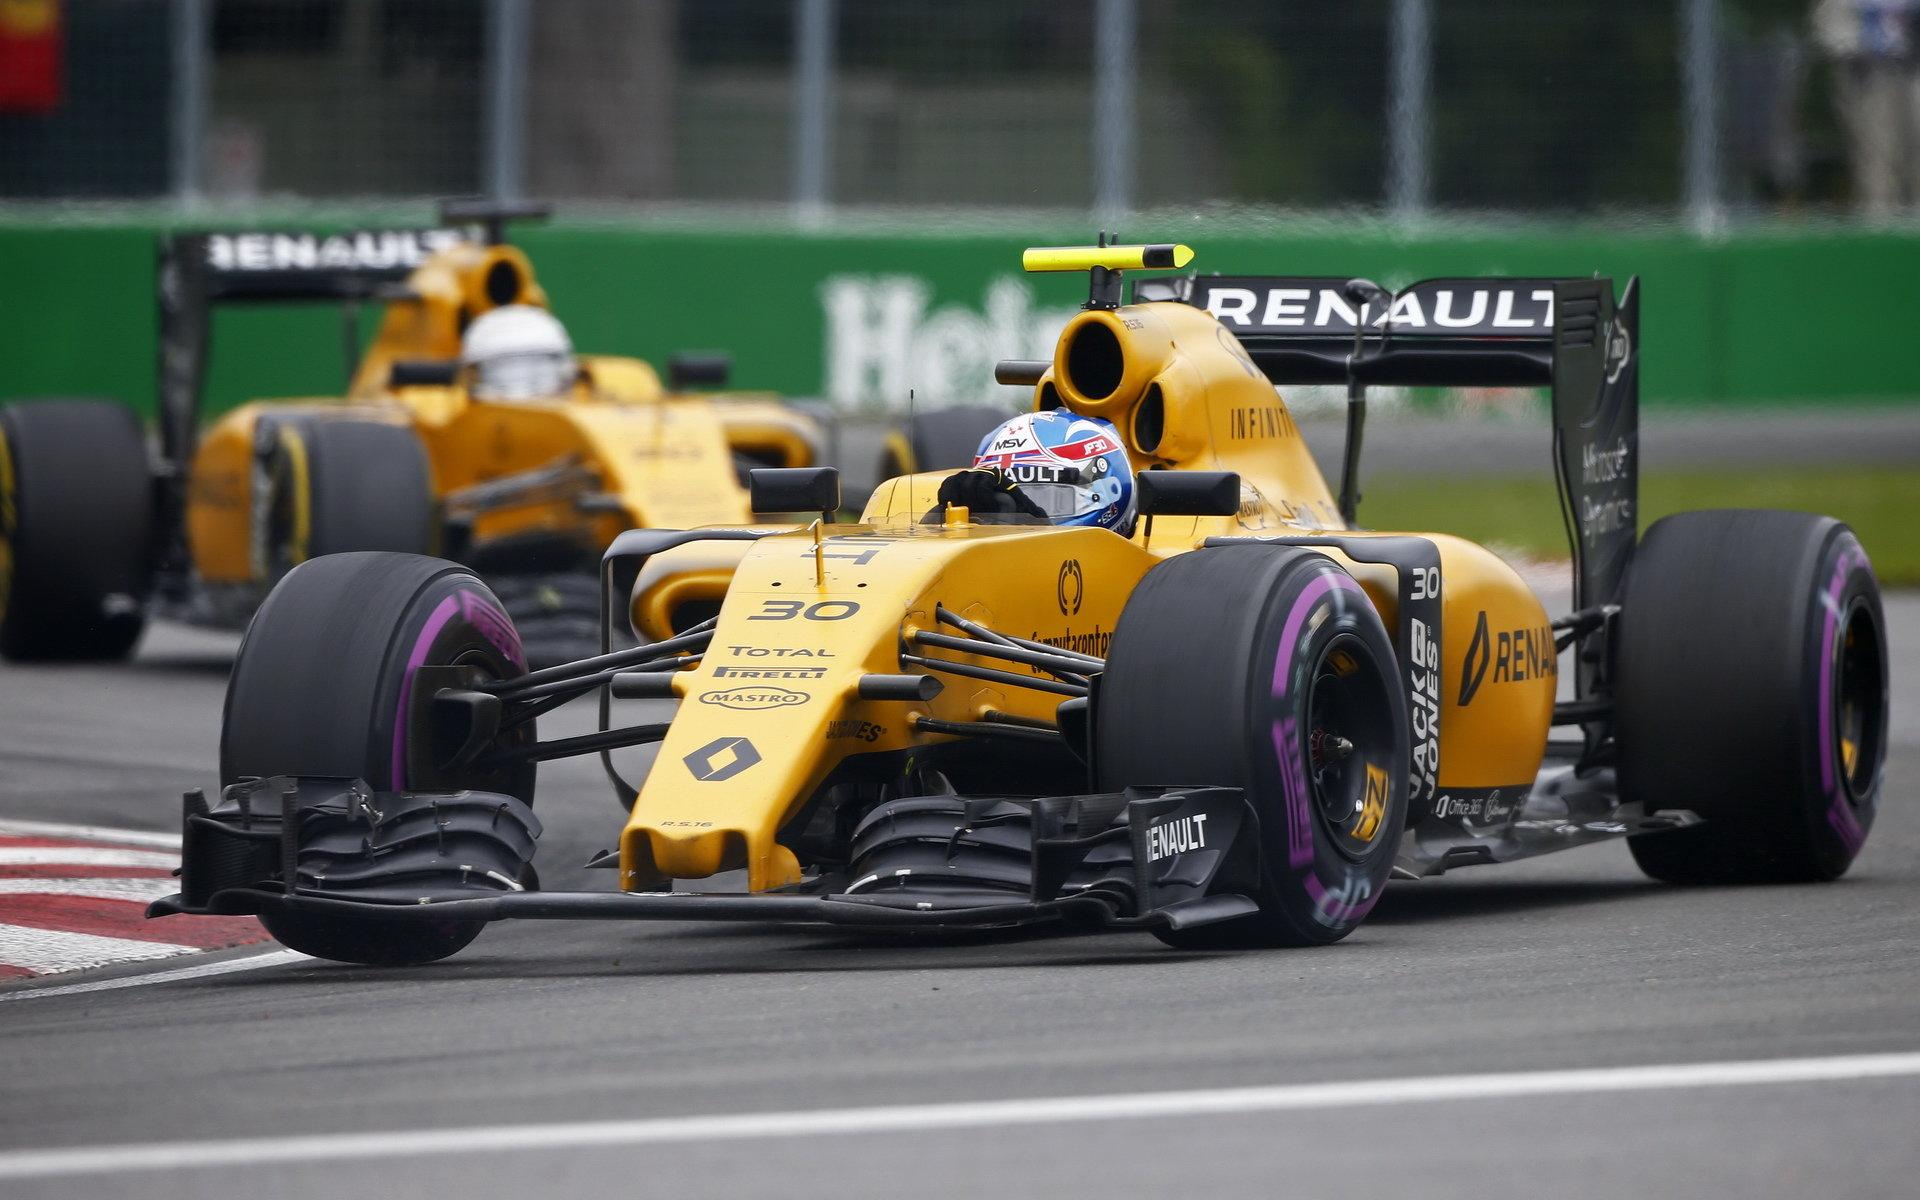 Renault využívá velké ceny pro testování. S čím má největší problémy? - anotační obrázek